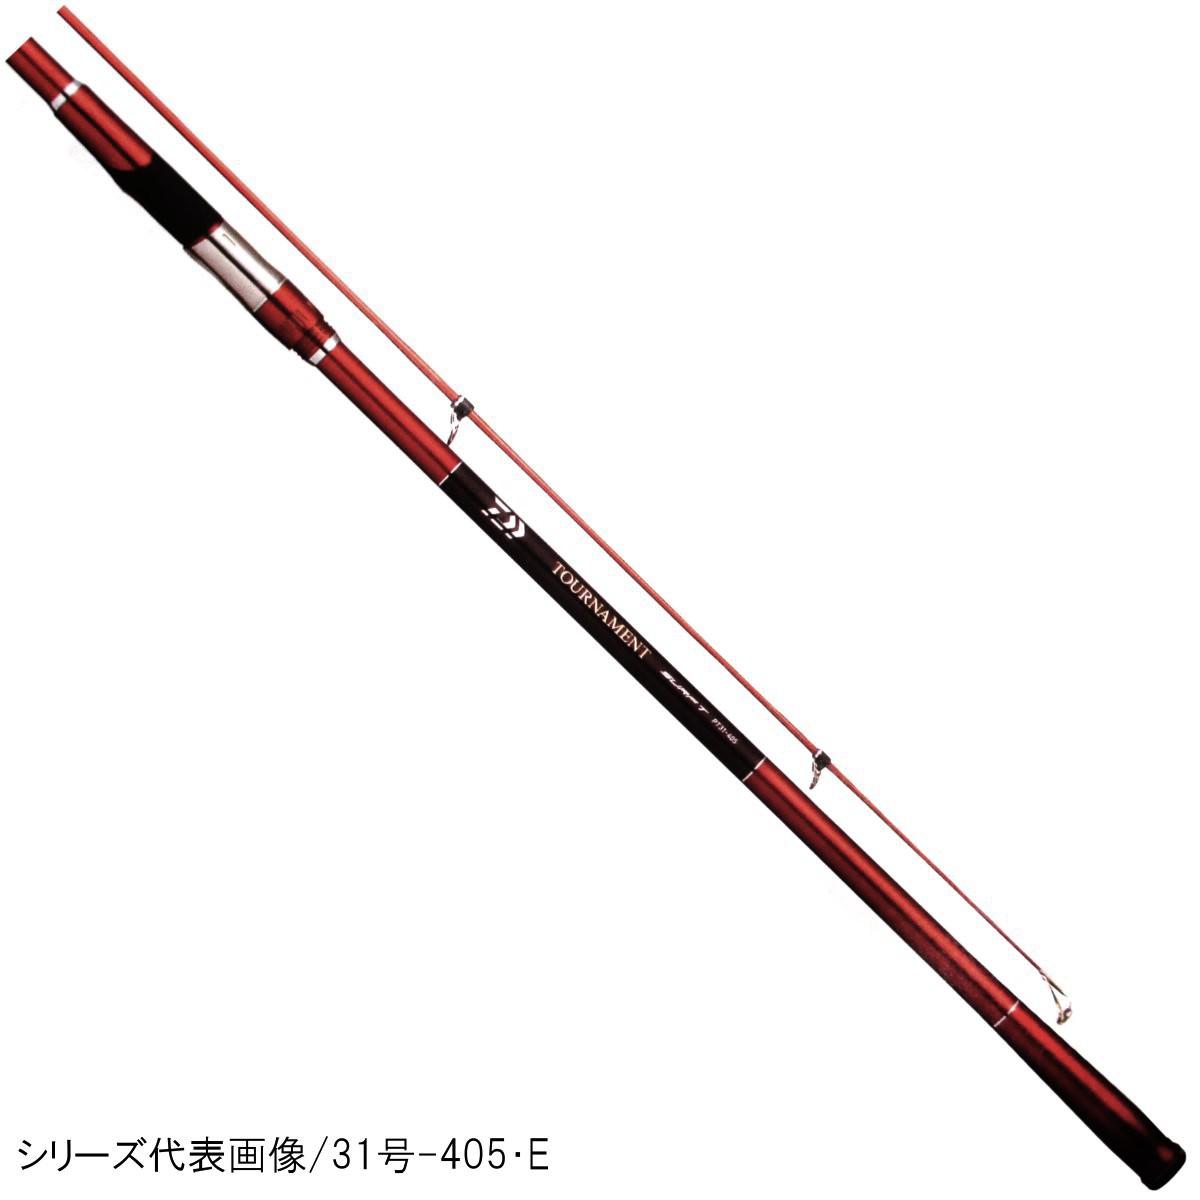 ダイワ トーナメントサーフT パワートルク 37号-405・E【大型商品】【送料無料】